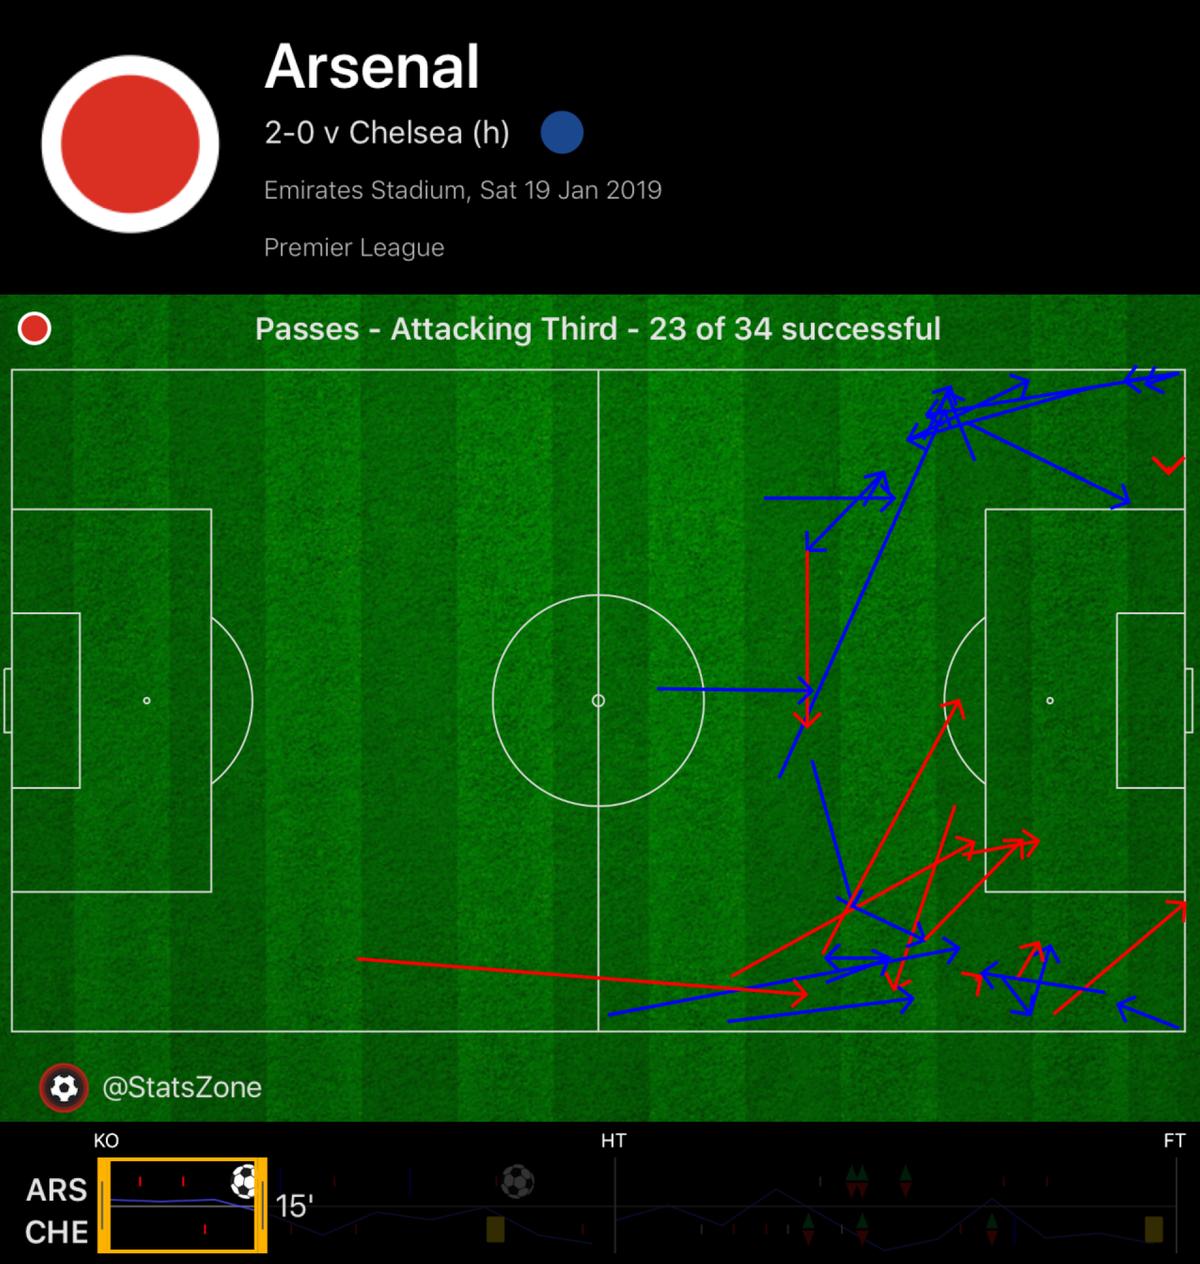 Карта передач «Арсенала» на чужой трети поля в первые 15 минут. Длина передач на правом фланге характеризует задумку Эмери